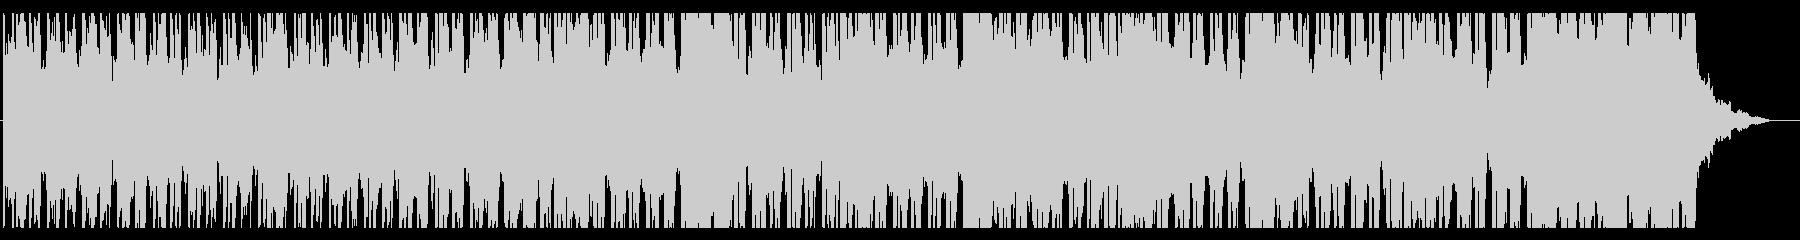 レトロ/シンセウェーヴ_No385_2の未再生の波形